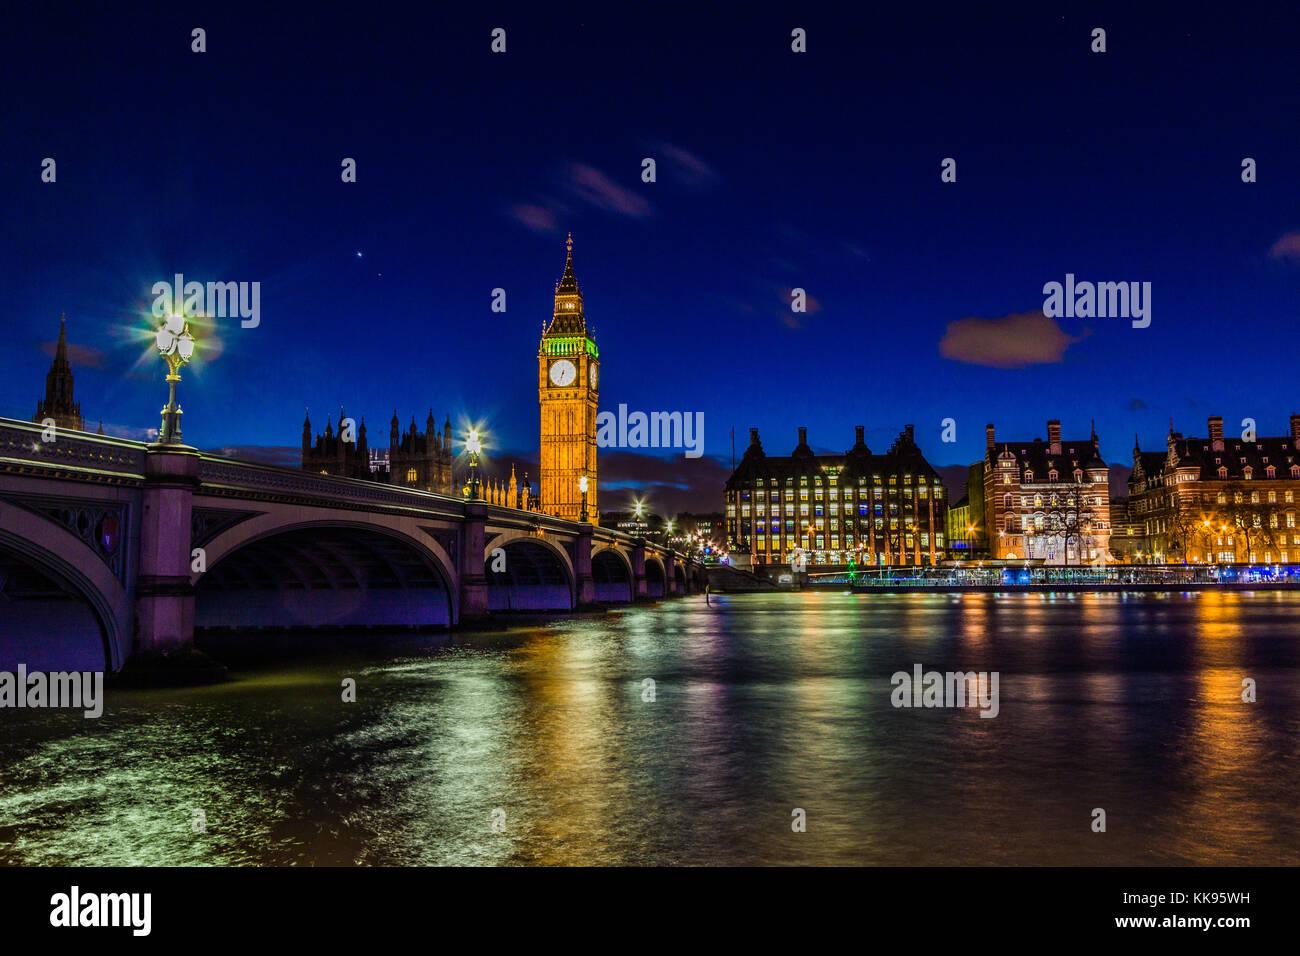 Wahrzeichen Big Ben Clock Tower bei Nacht von der Südseite der Themse im Zentrum von London. Stockbild